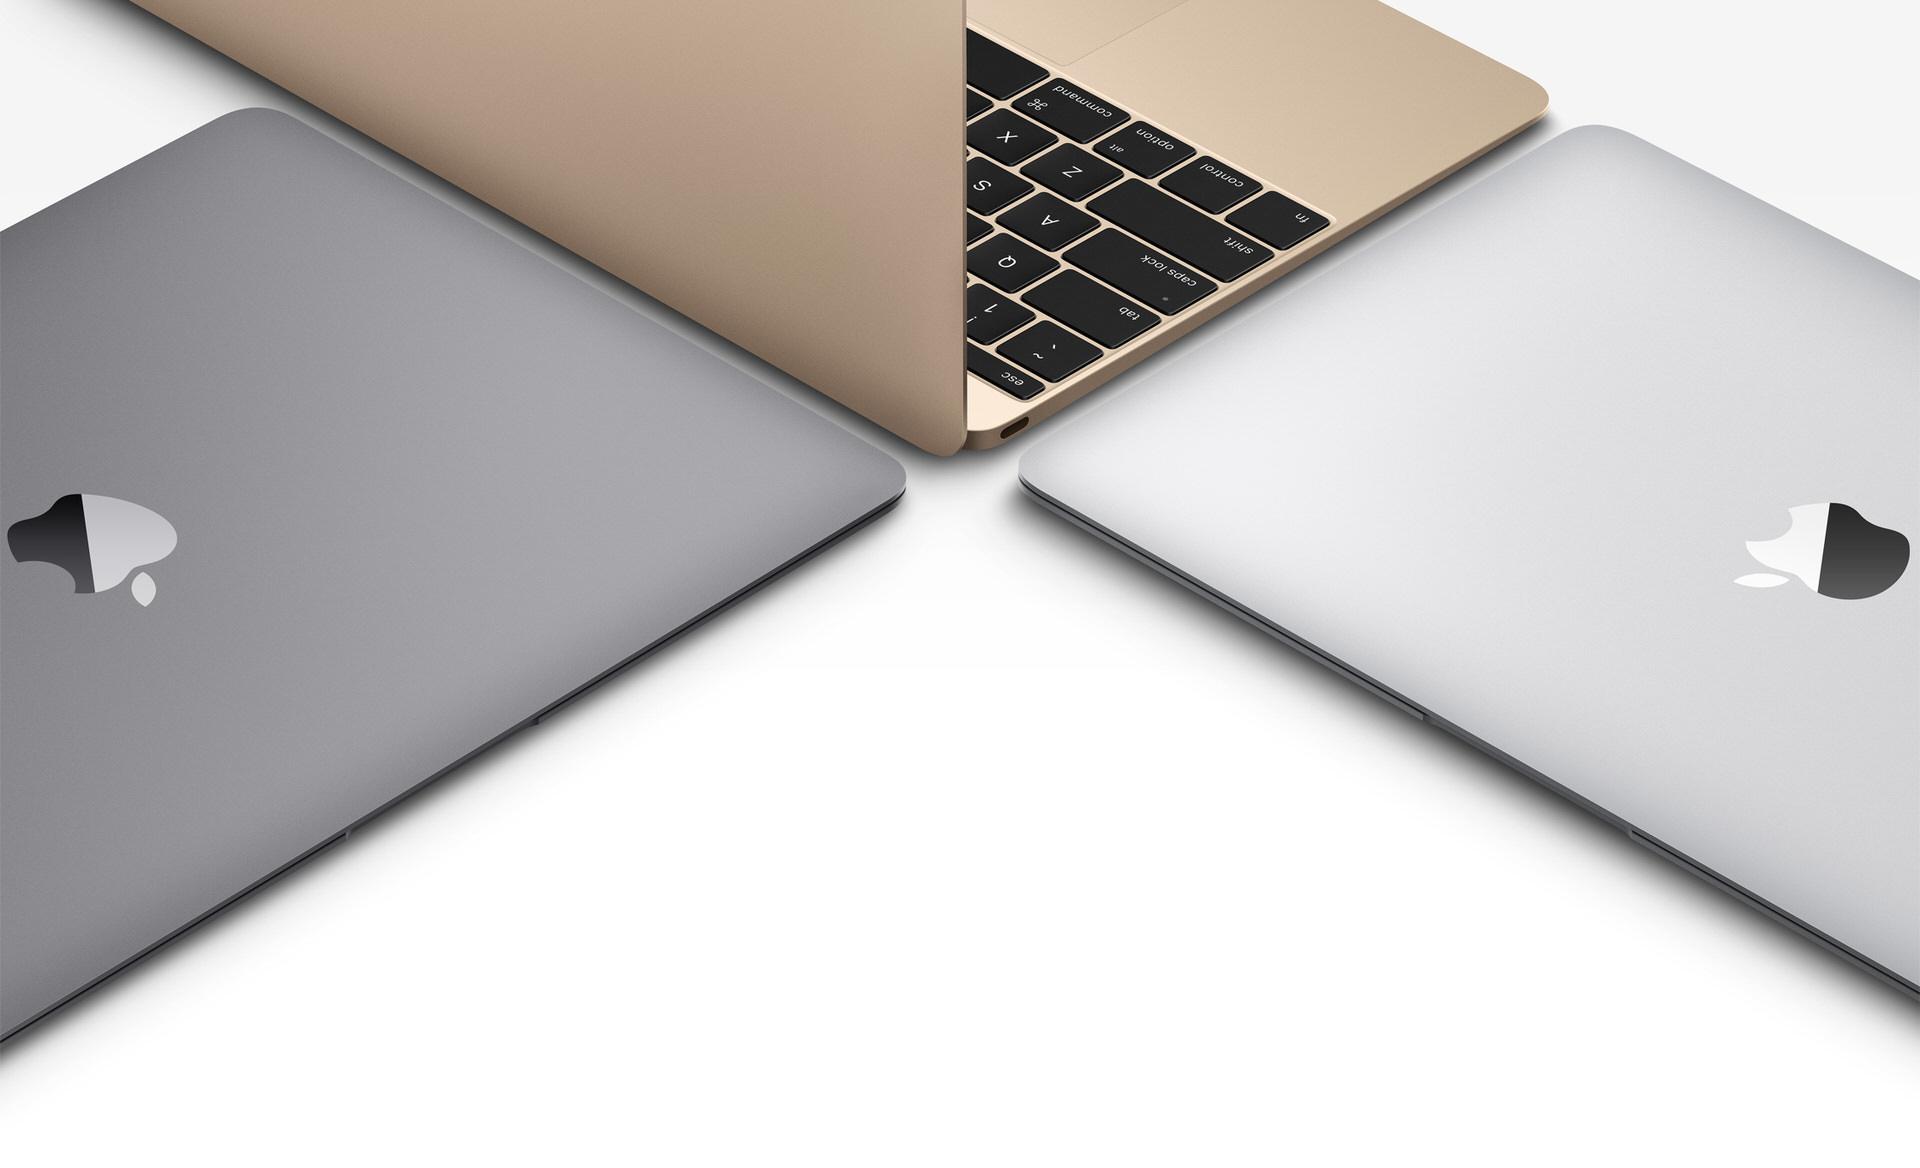 Pourquoi je veux le MacBook Retina 12″ (2015)